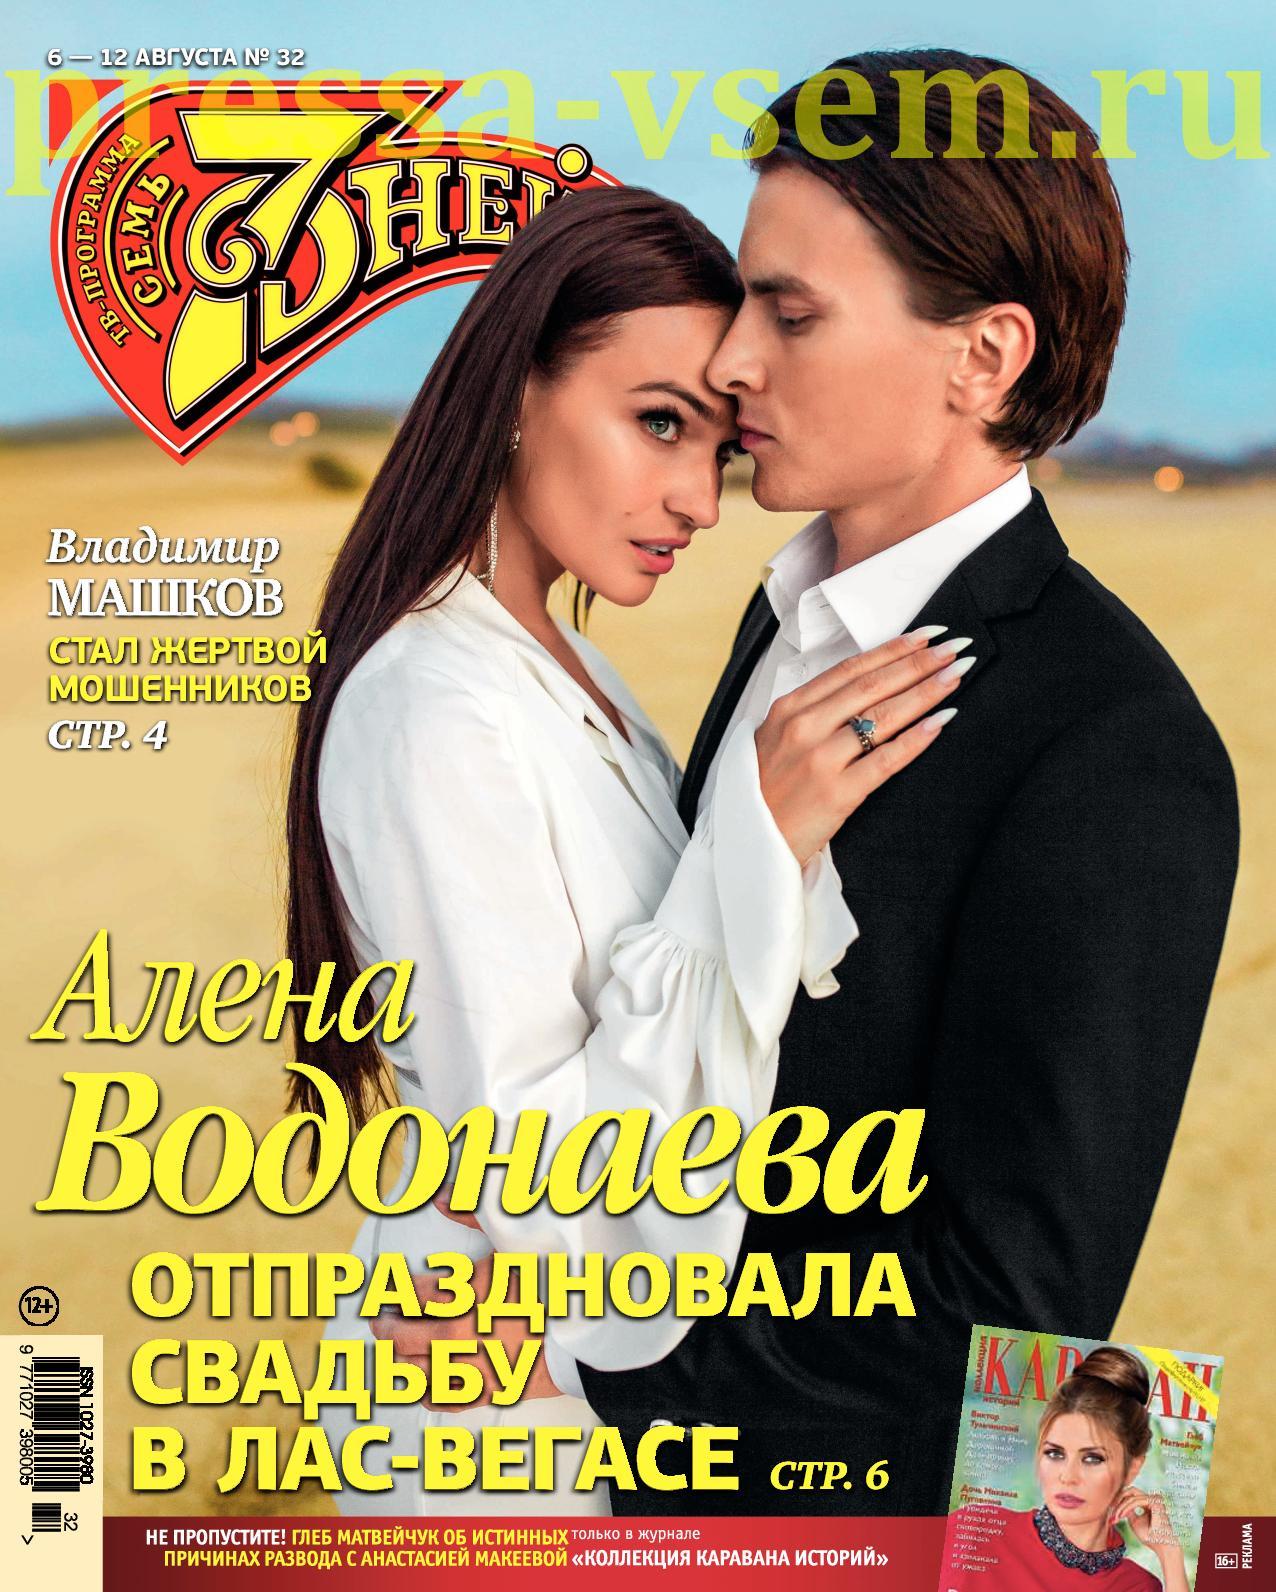 Художественные гей фильмы снятые русскими режисс рами в 2007 2012 г г